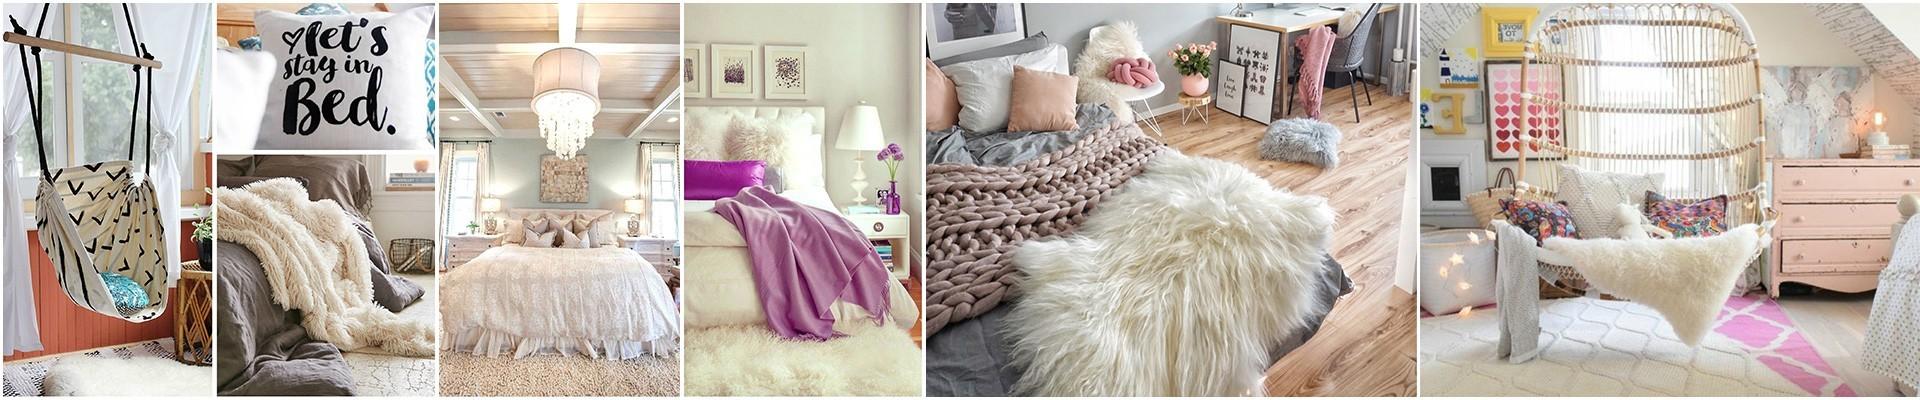 Các sản phẩm thảm, túi, gối, drap , tất, tranh thêu bằng vải len sợi